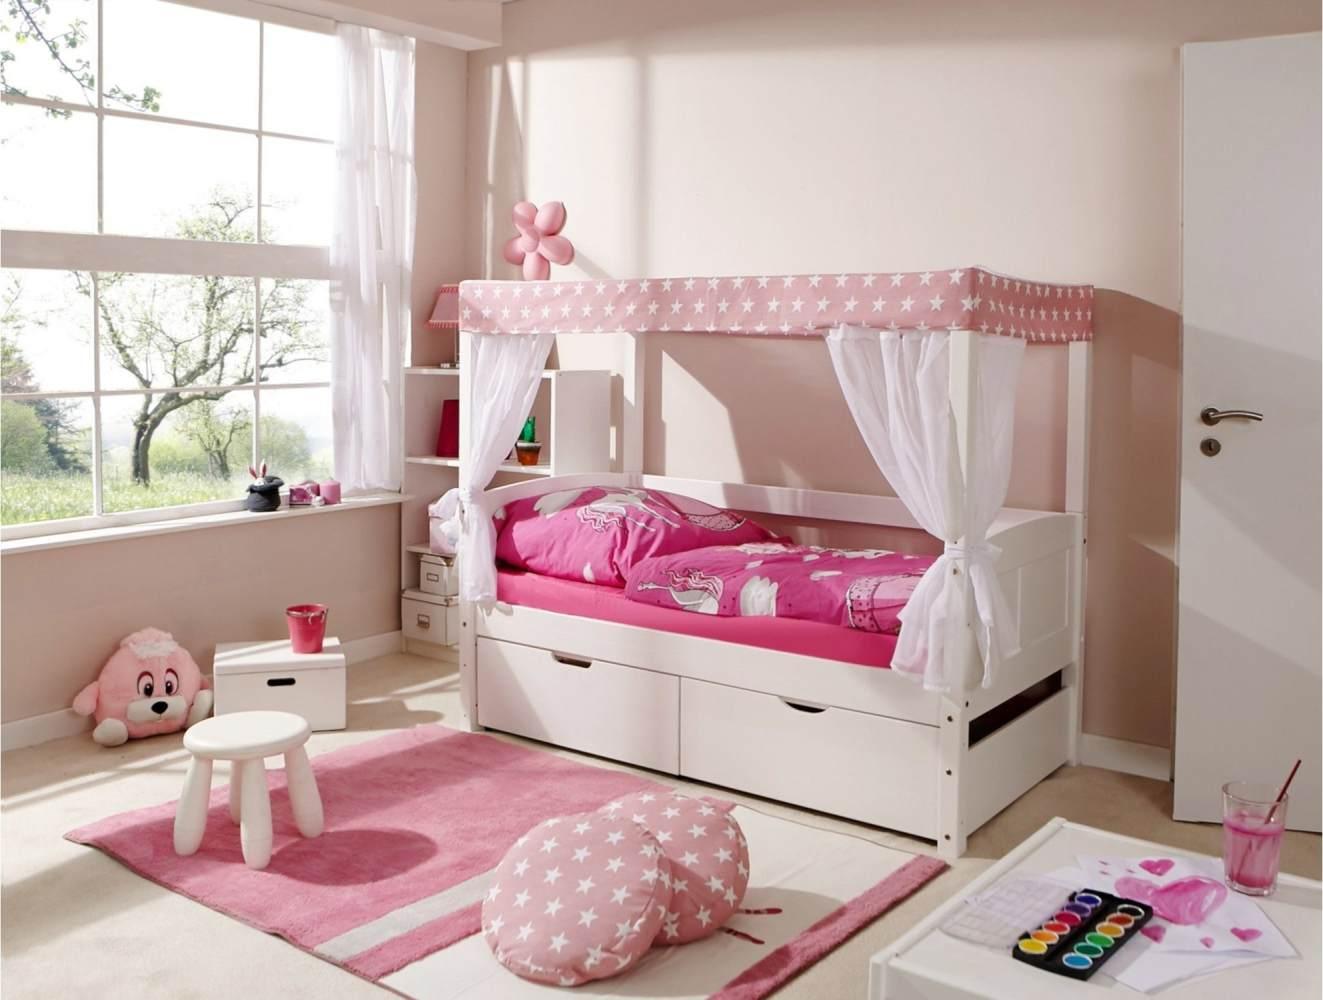 Ticaa 'Mini' Himmelbett weiß, Stern rosa, inkl. Bettkasten 'Melanie' 80x160 Bild 1